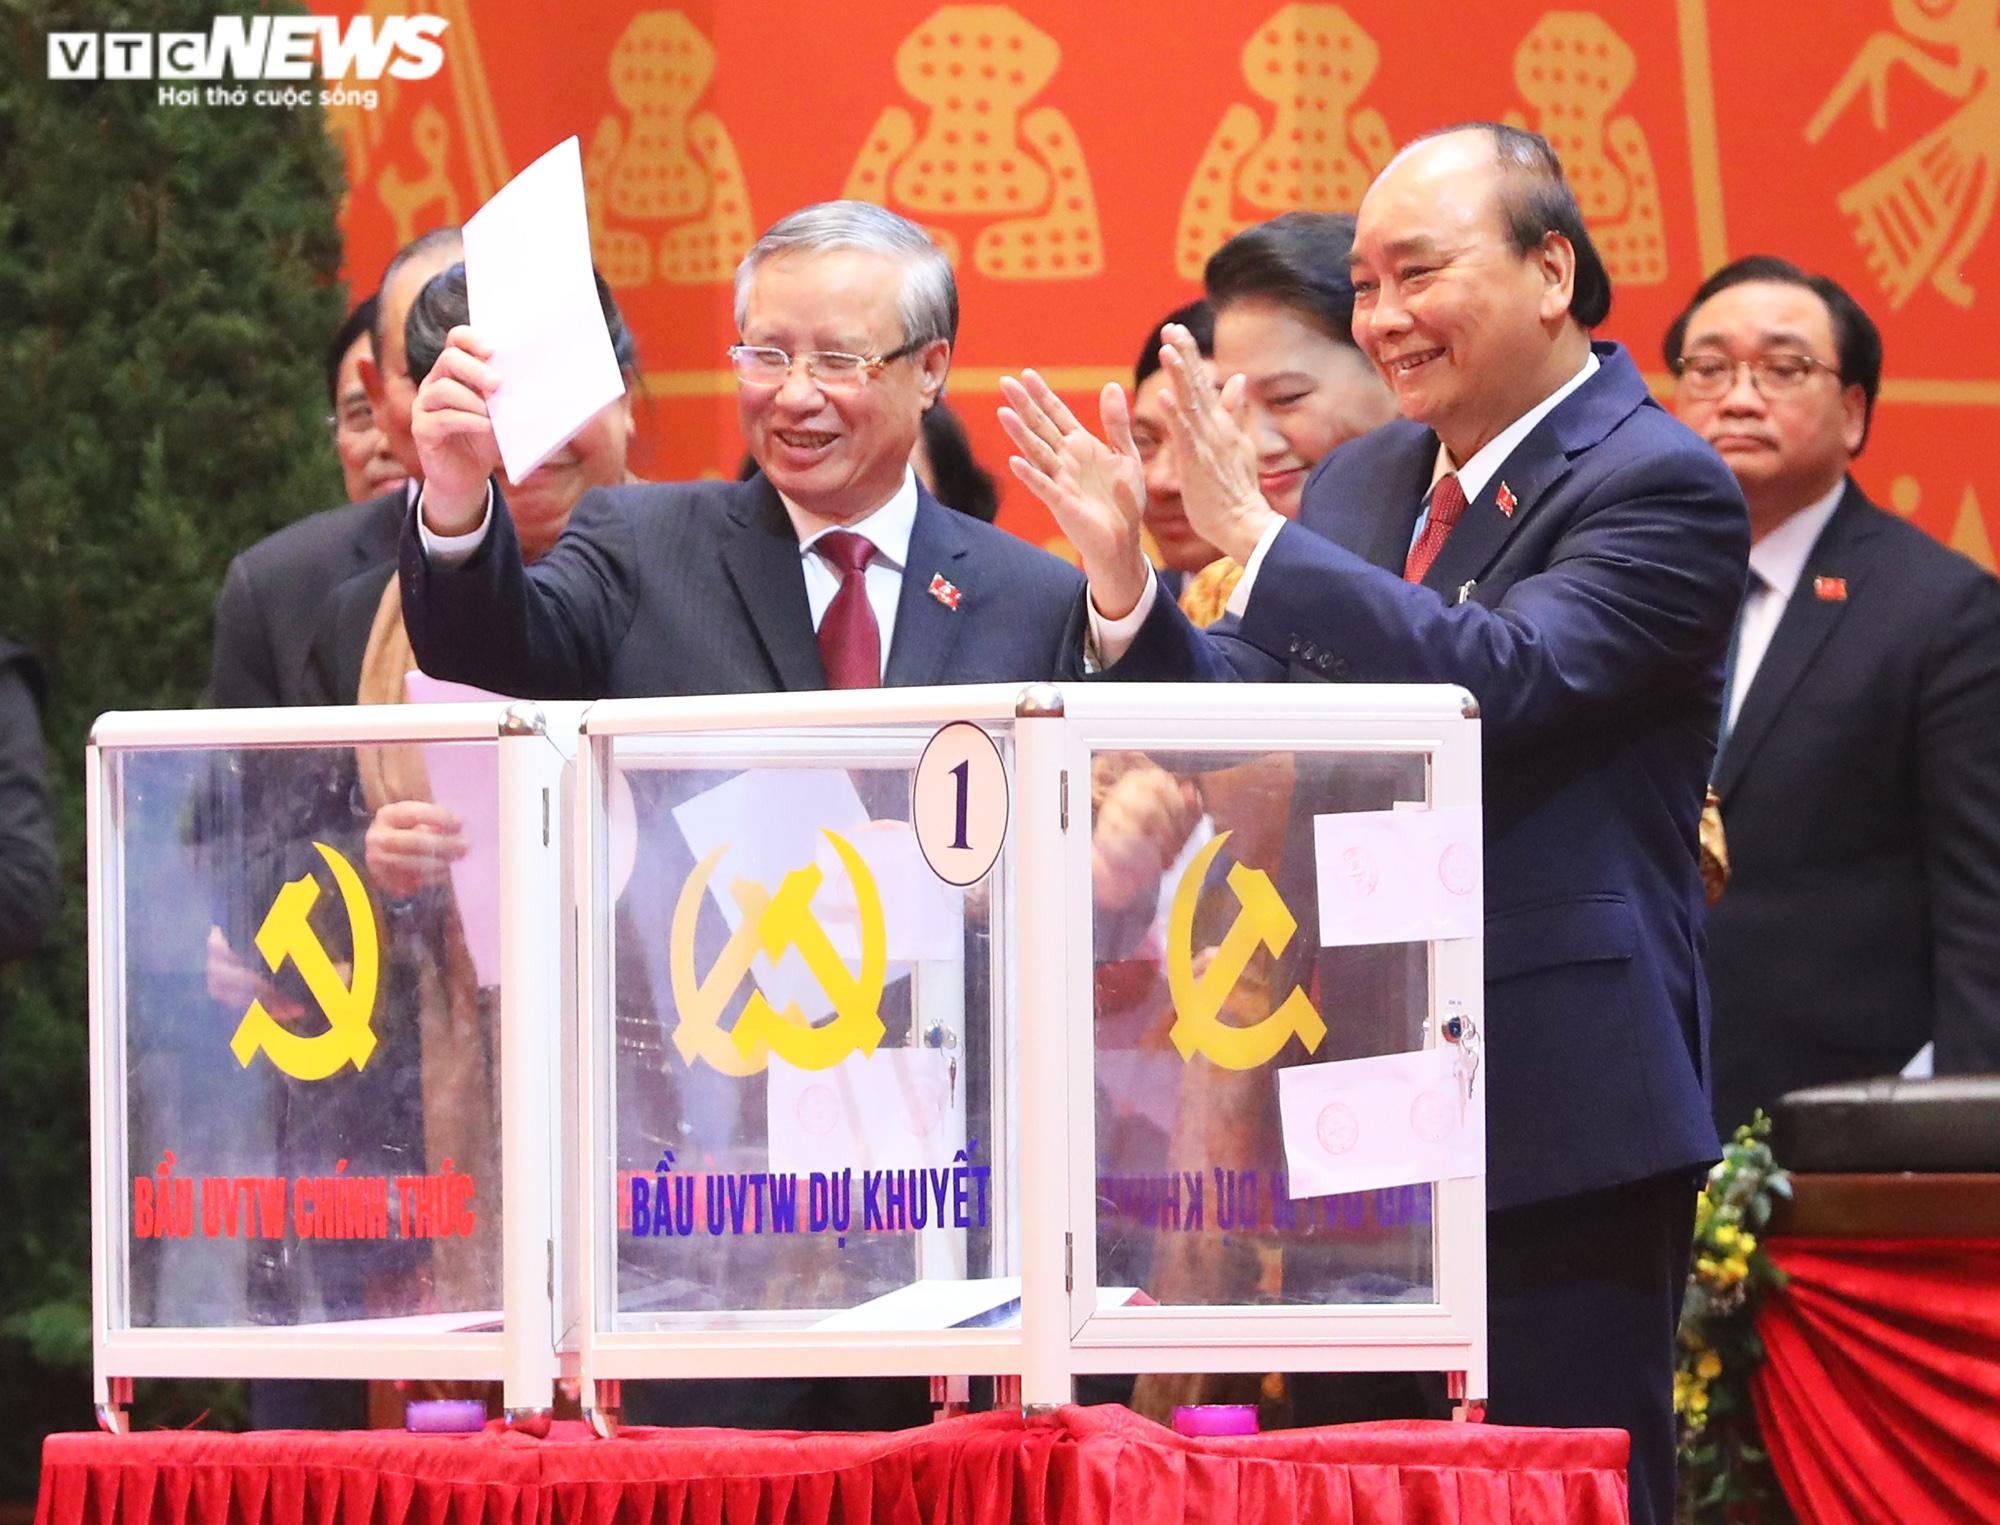 Ảnh: Bỏ phiếu bầu 200 Ủy viên Ban Chấp hành Trung ương khóa XIII - Ảnh 3.